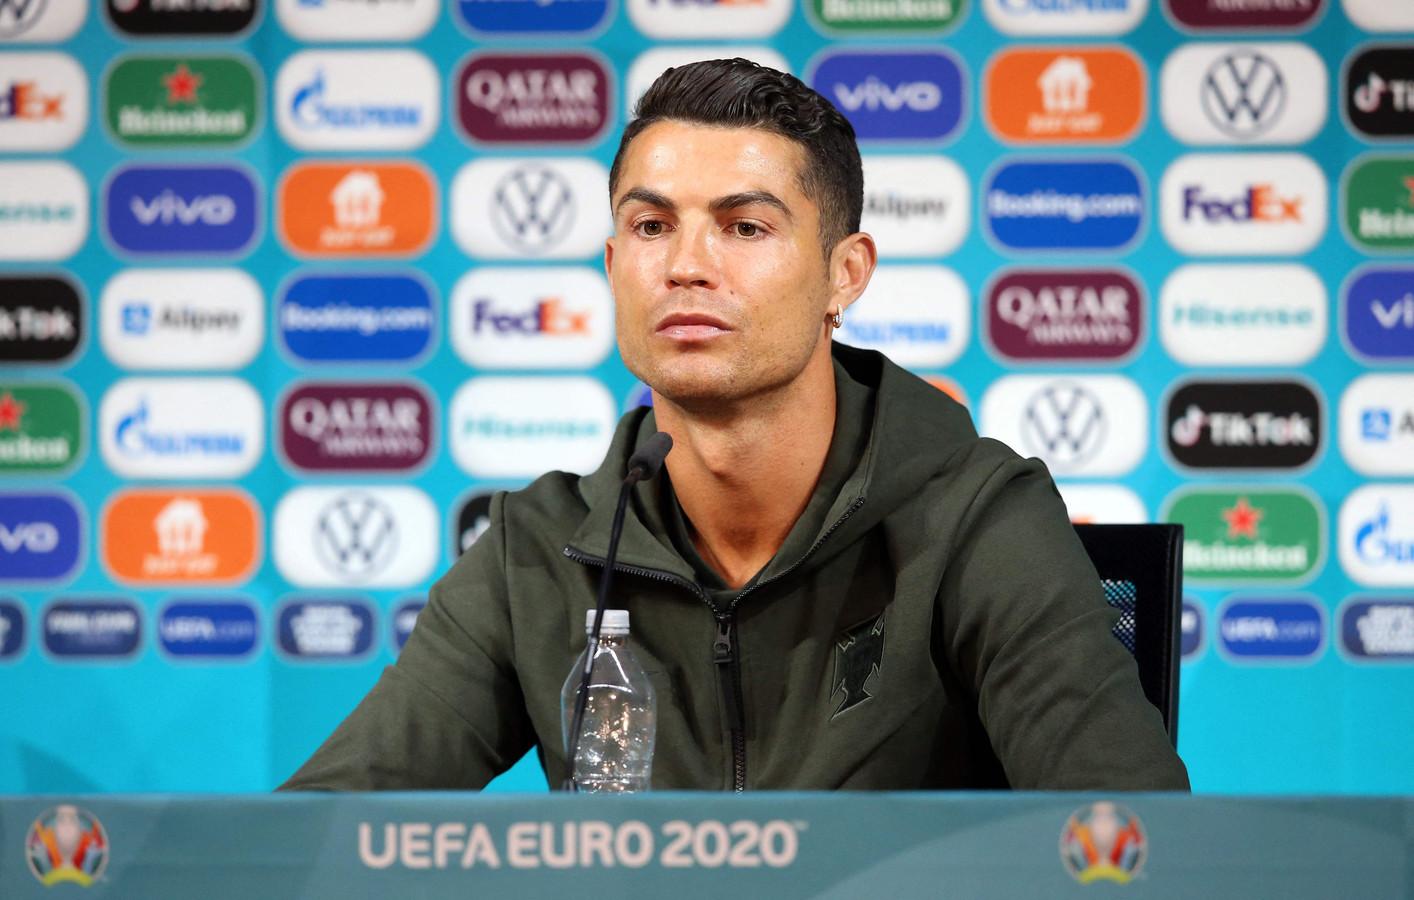 Cristiano Ronaldo zette zijn waterflesje pontificaal in beeld nadat hij de cola aan de kant schoof.